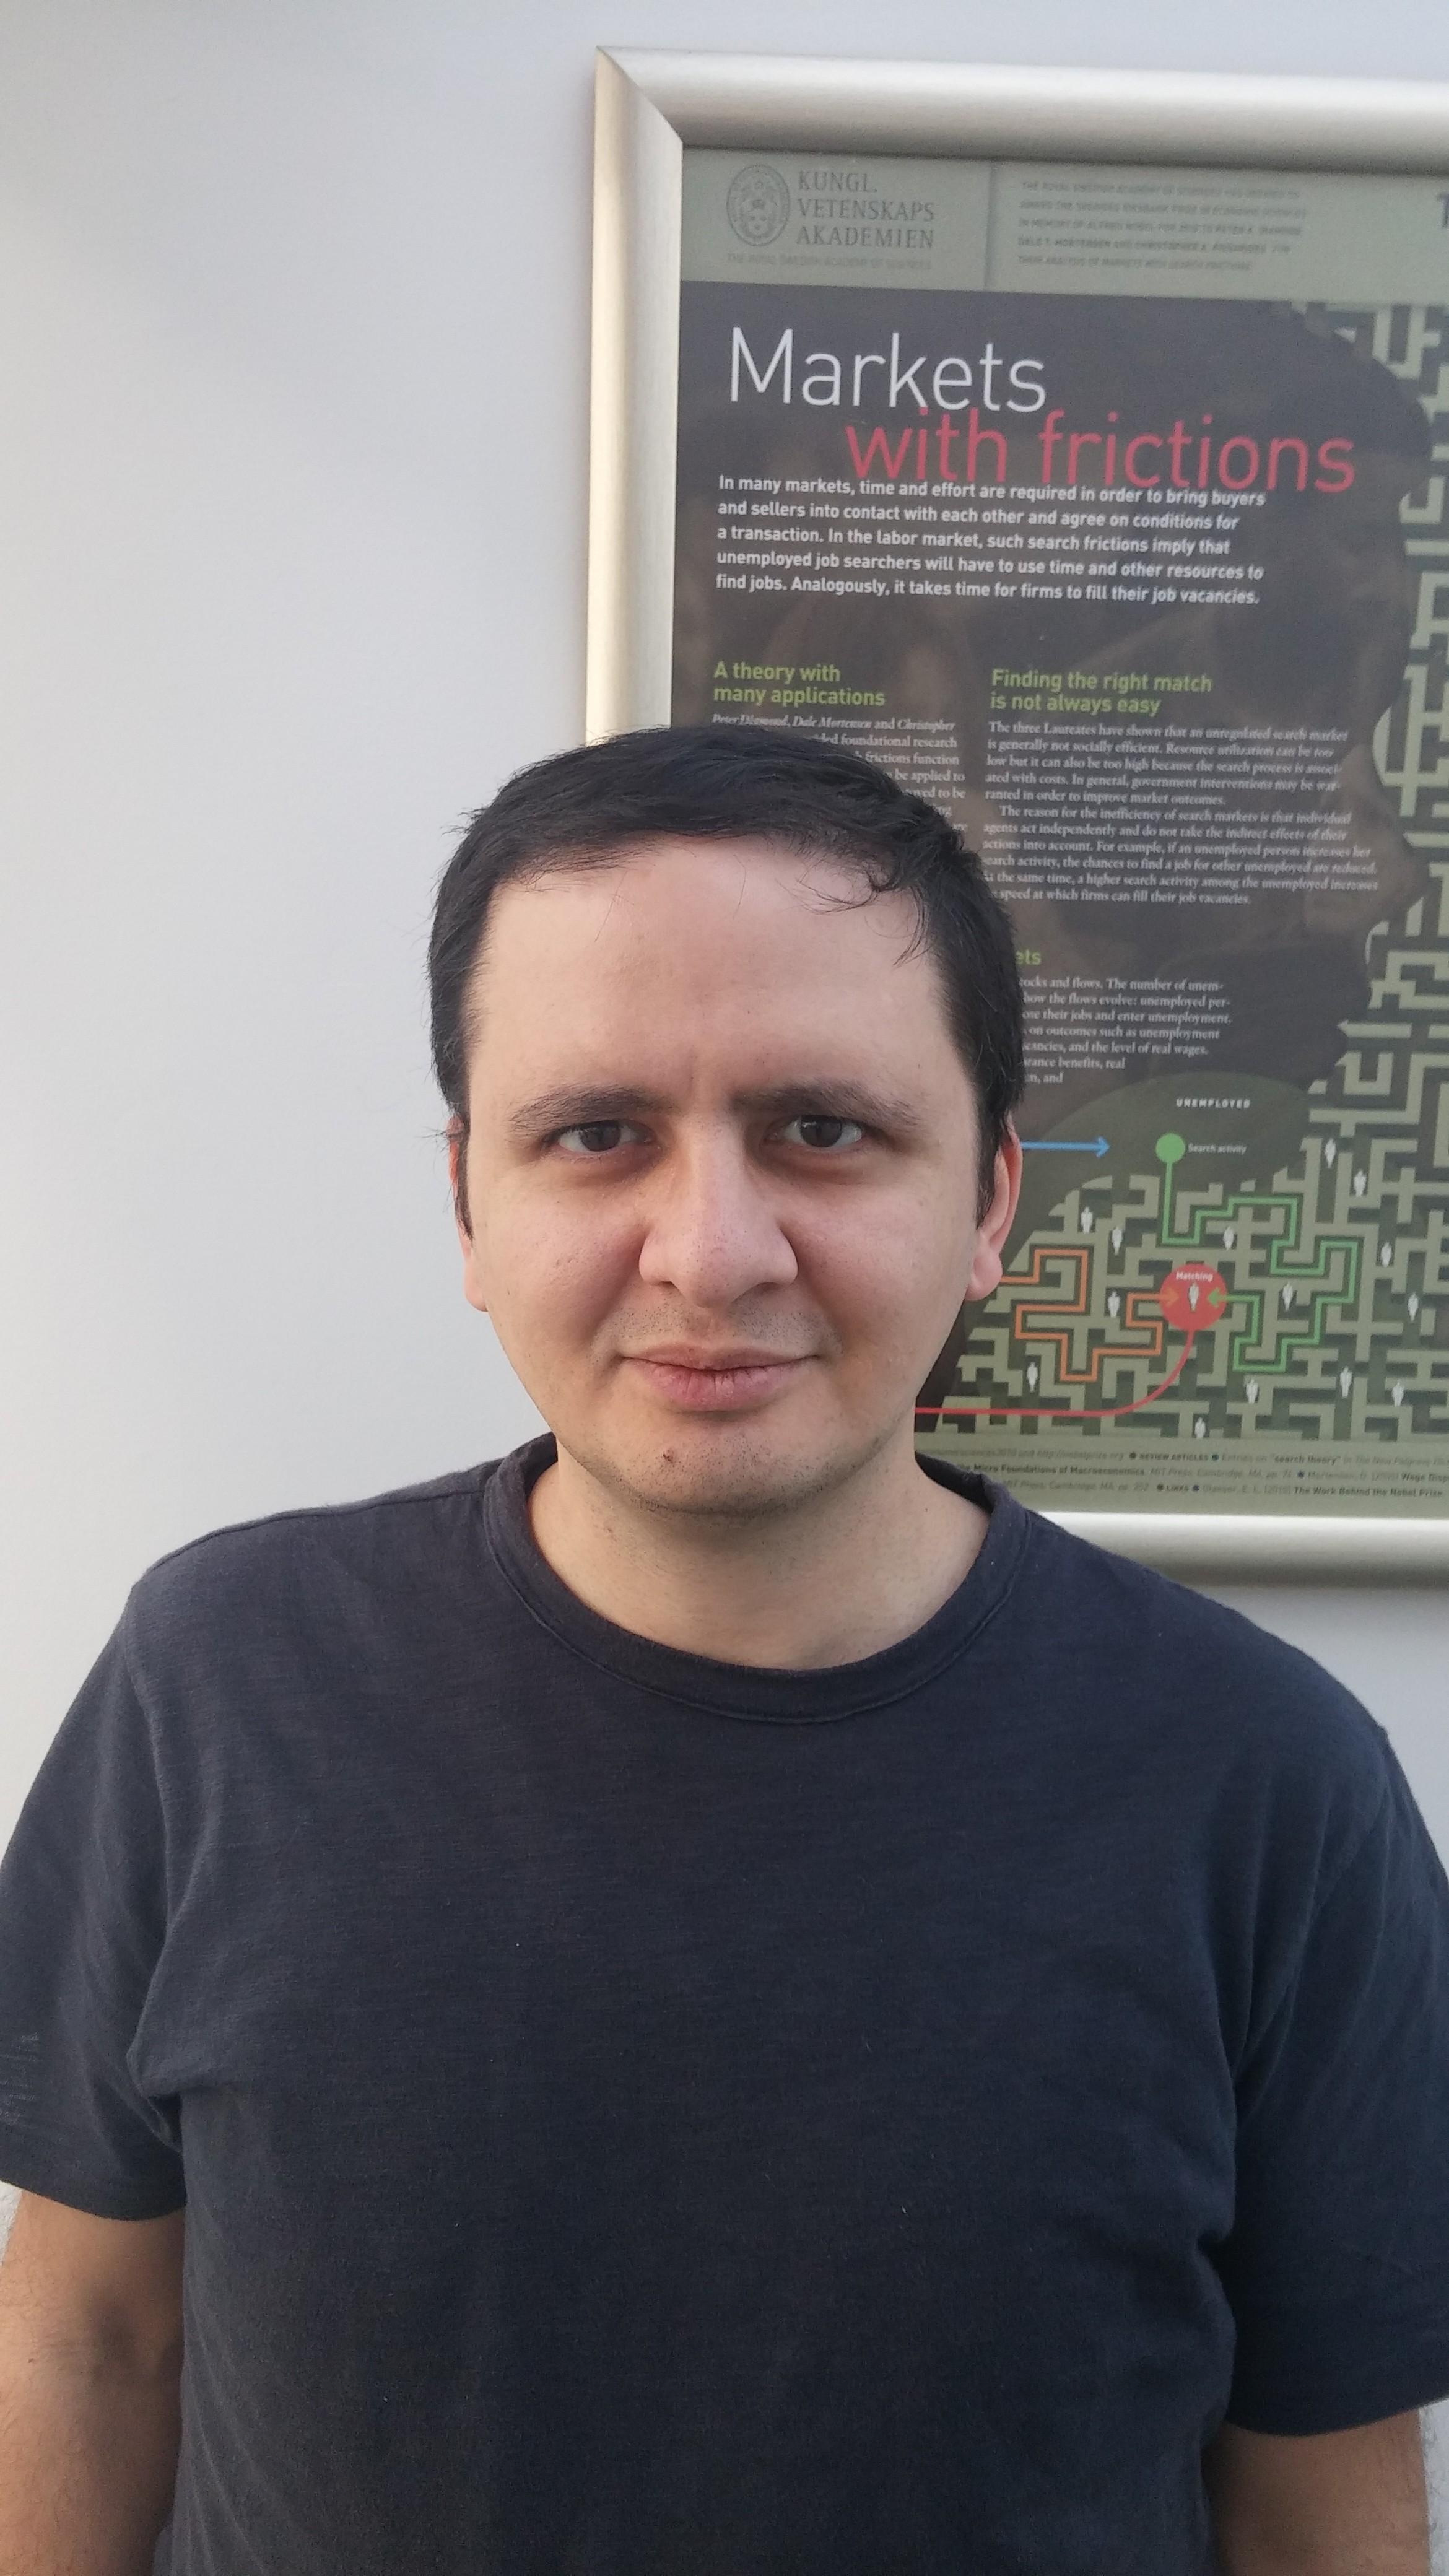 Kamil Kıvanç Karaman - Boğaziçi University - Economics